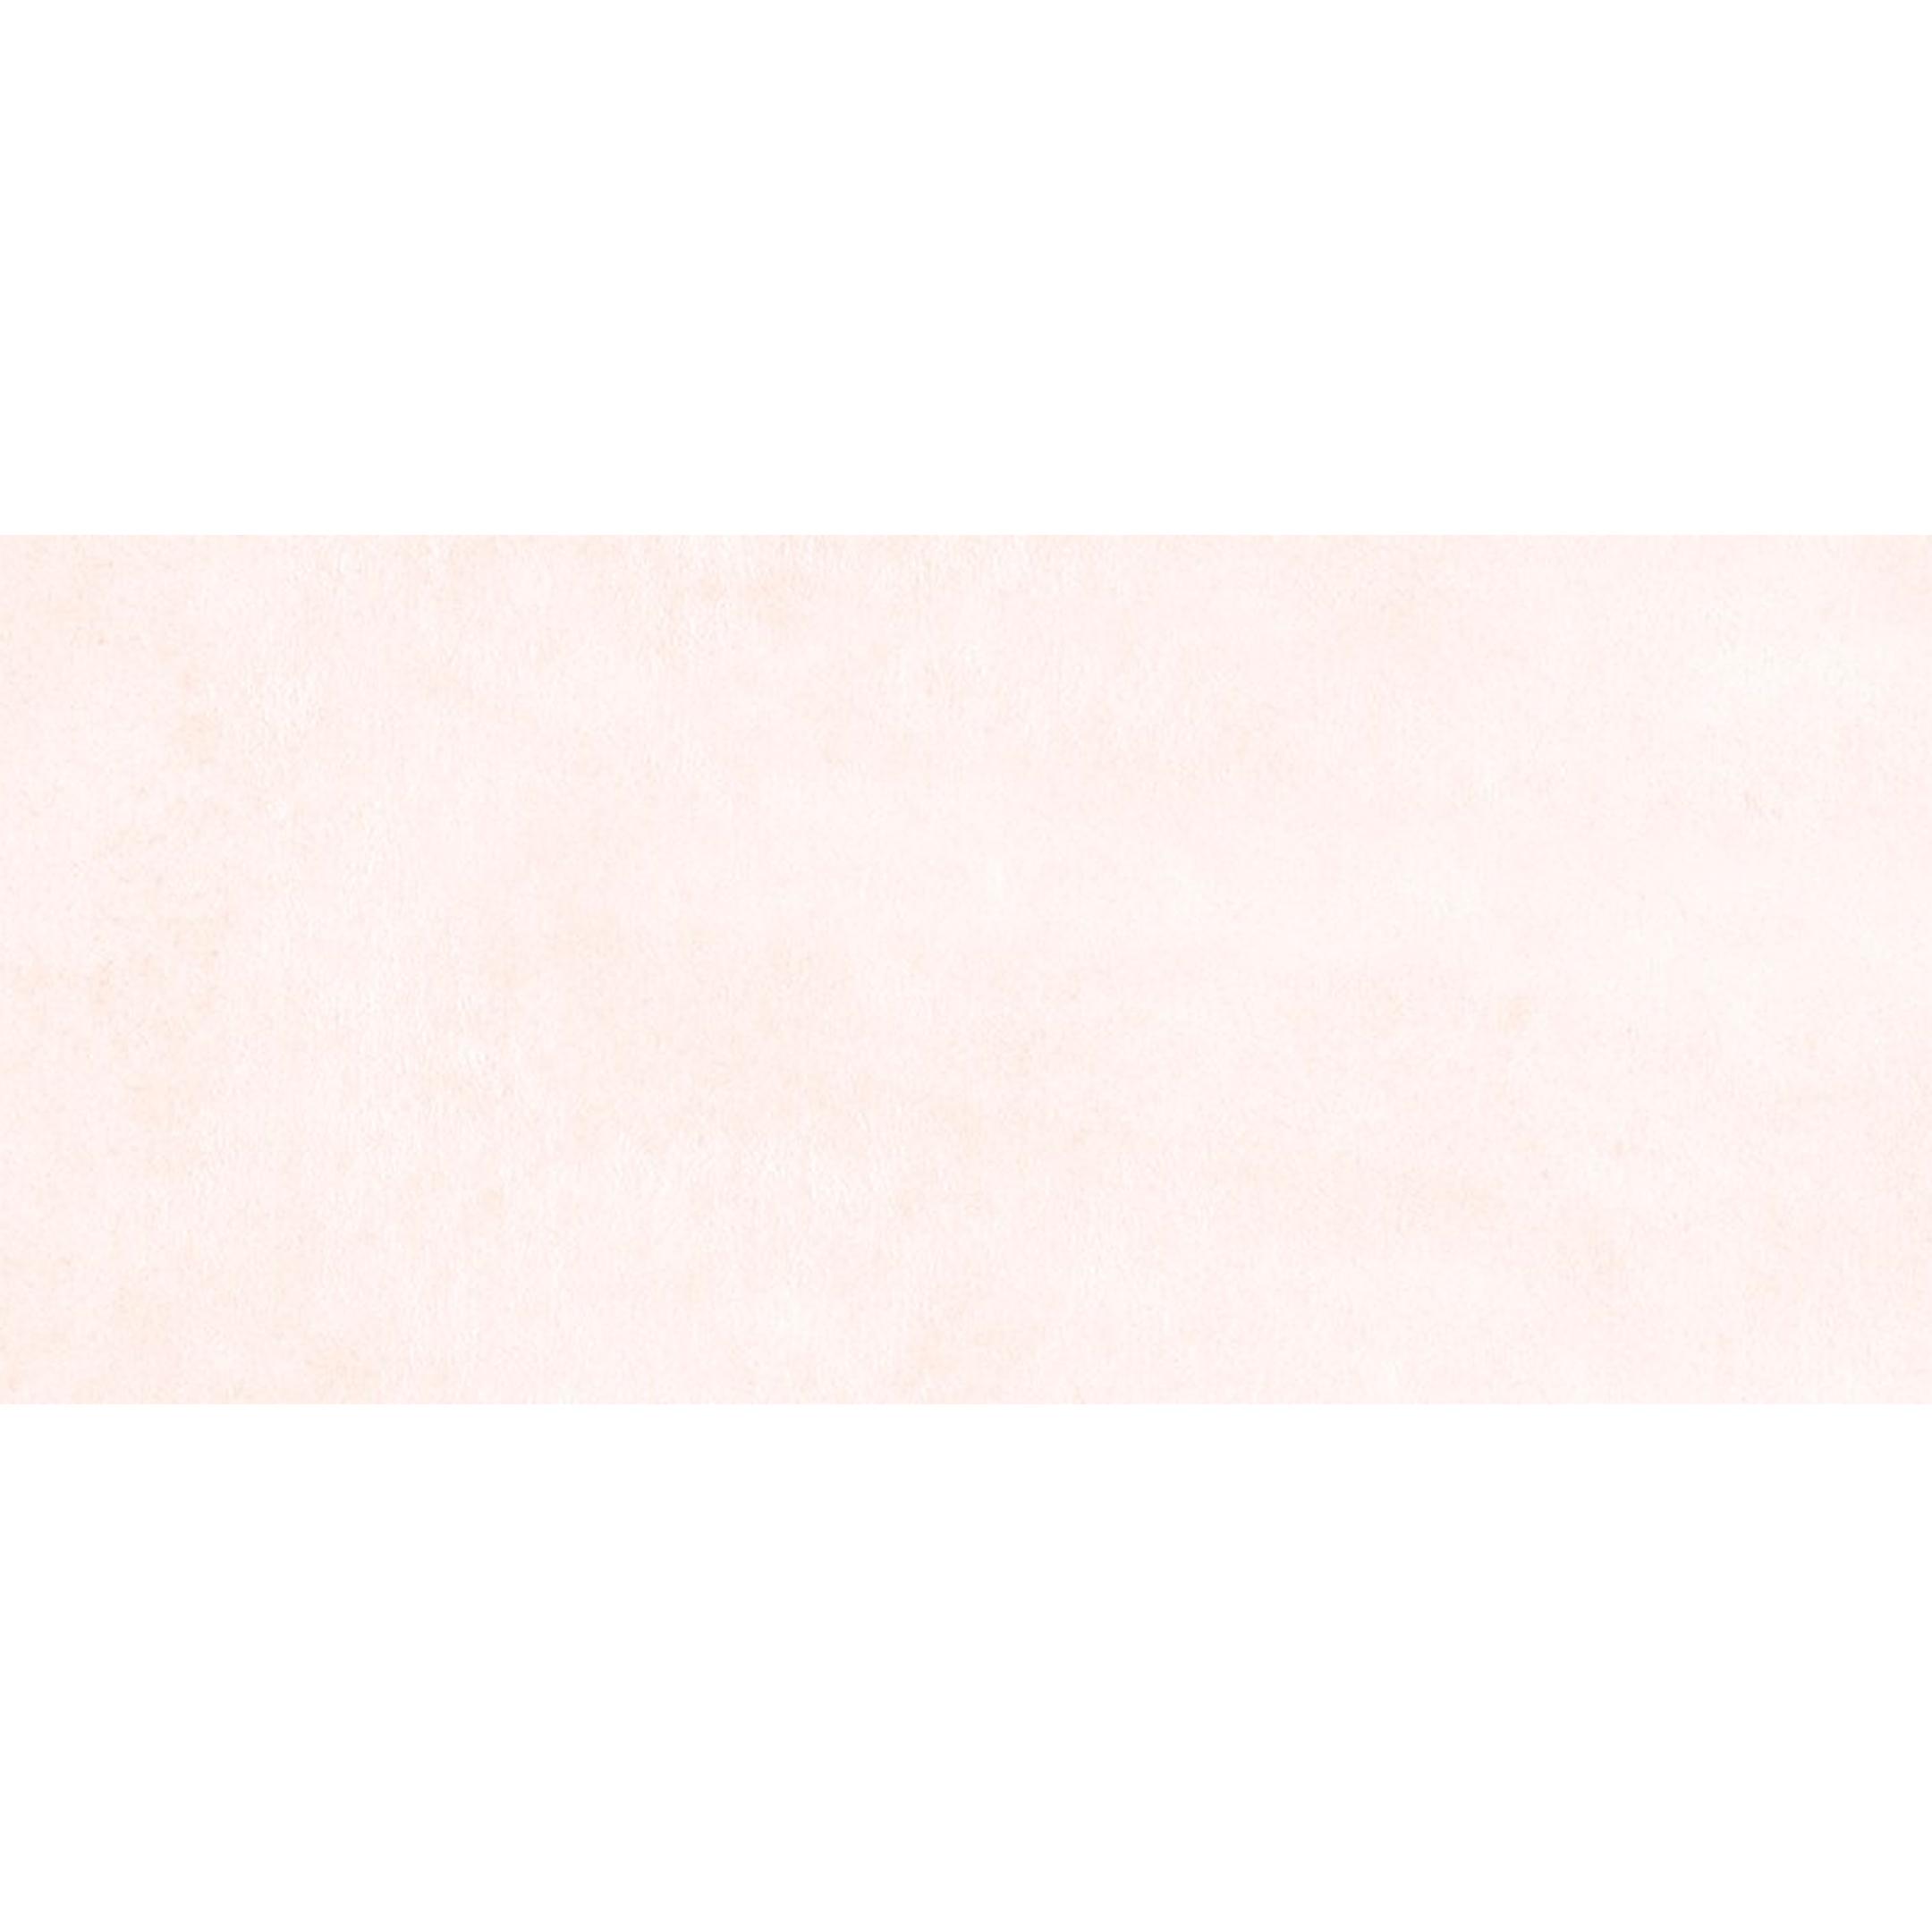 цена на Плитка облицовочная Cersanit Chantal бежевый 200x440x8,5 мм (12 шт.=1,05 кв.м)